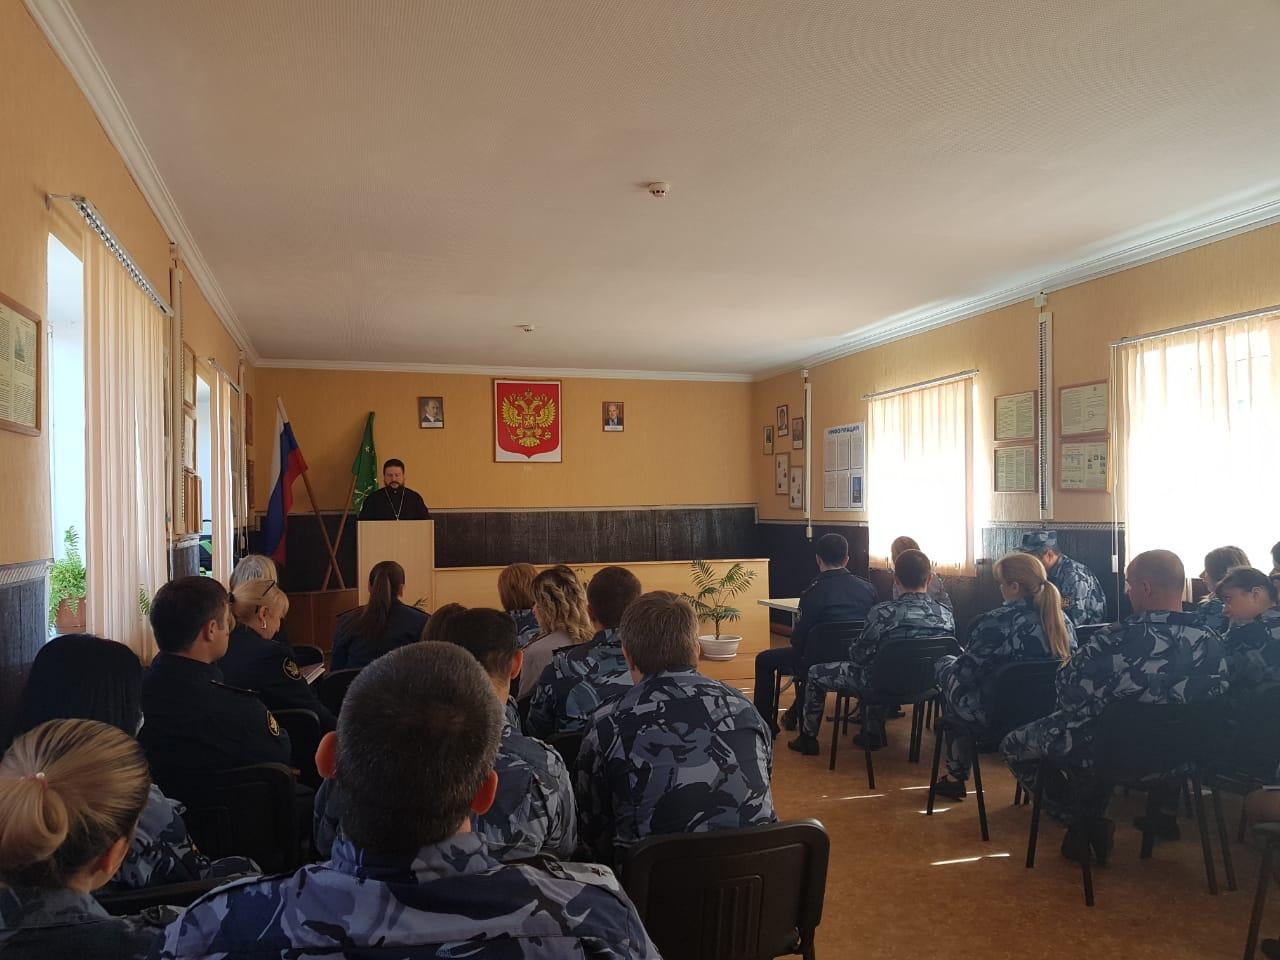 С сотрудниками КП-6 УФСИН России по Республике Адыгея провели беседу на тему суицидов среди сотрудников